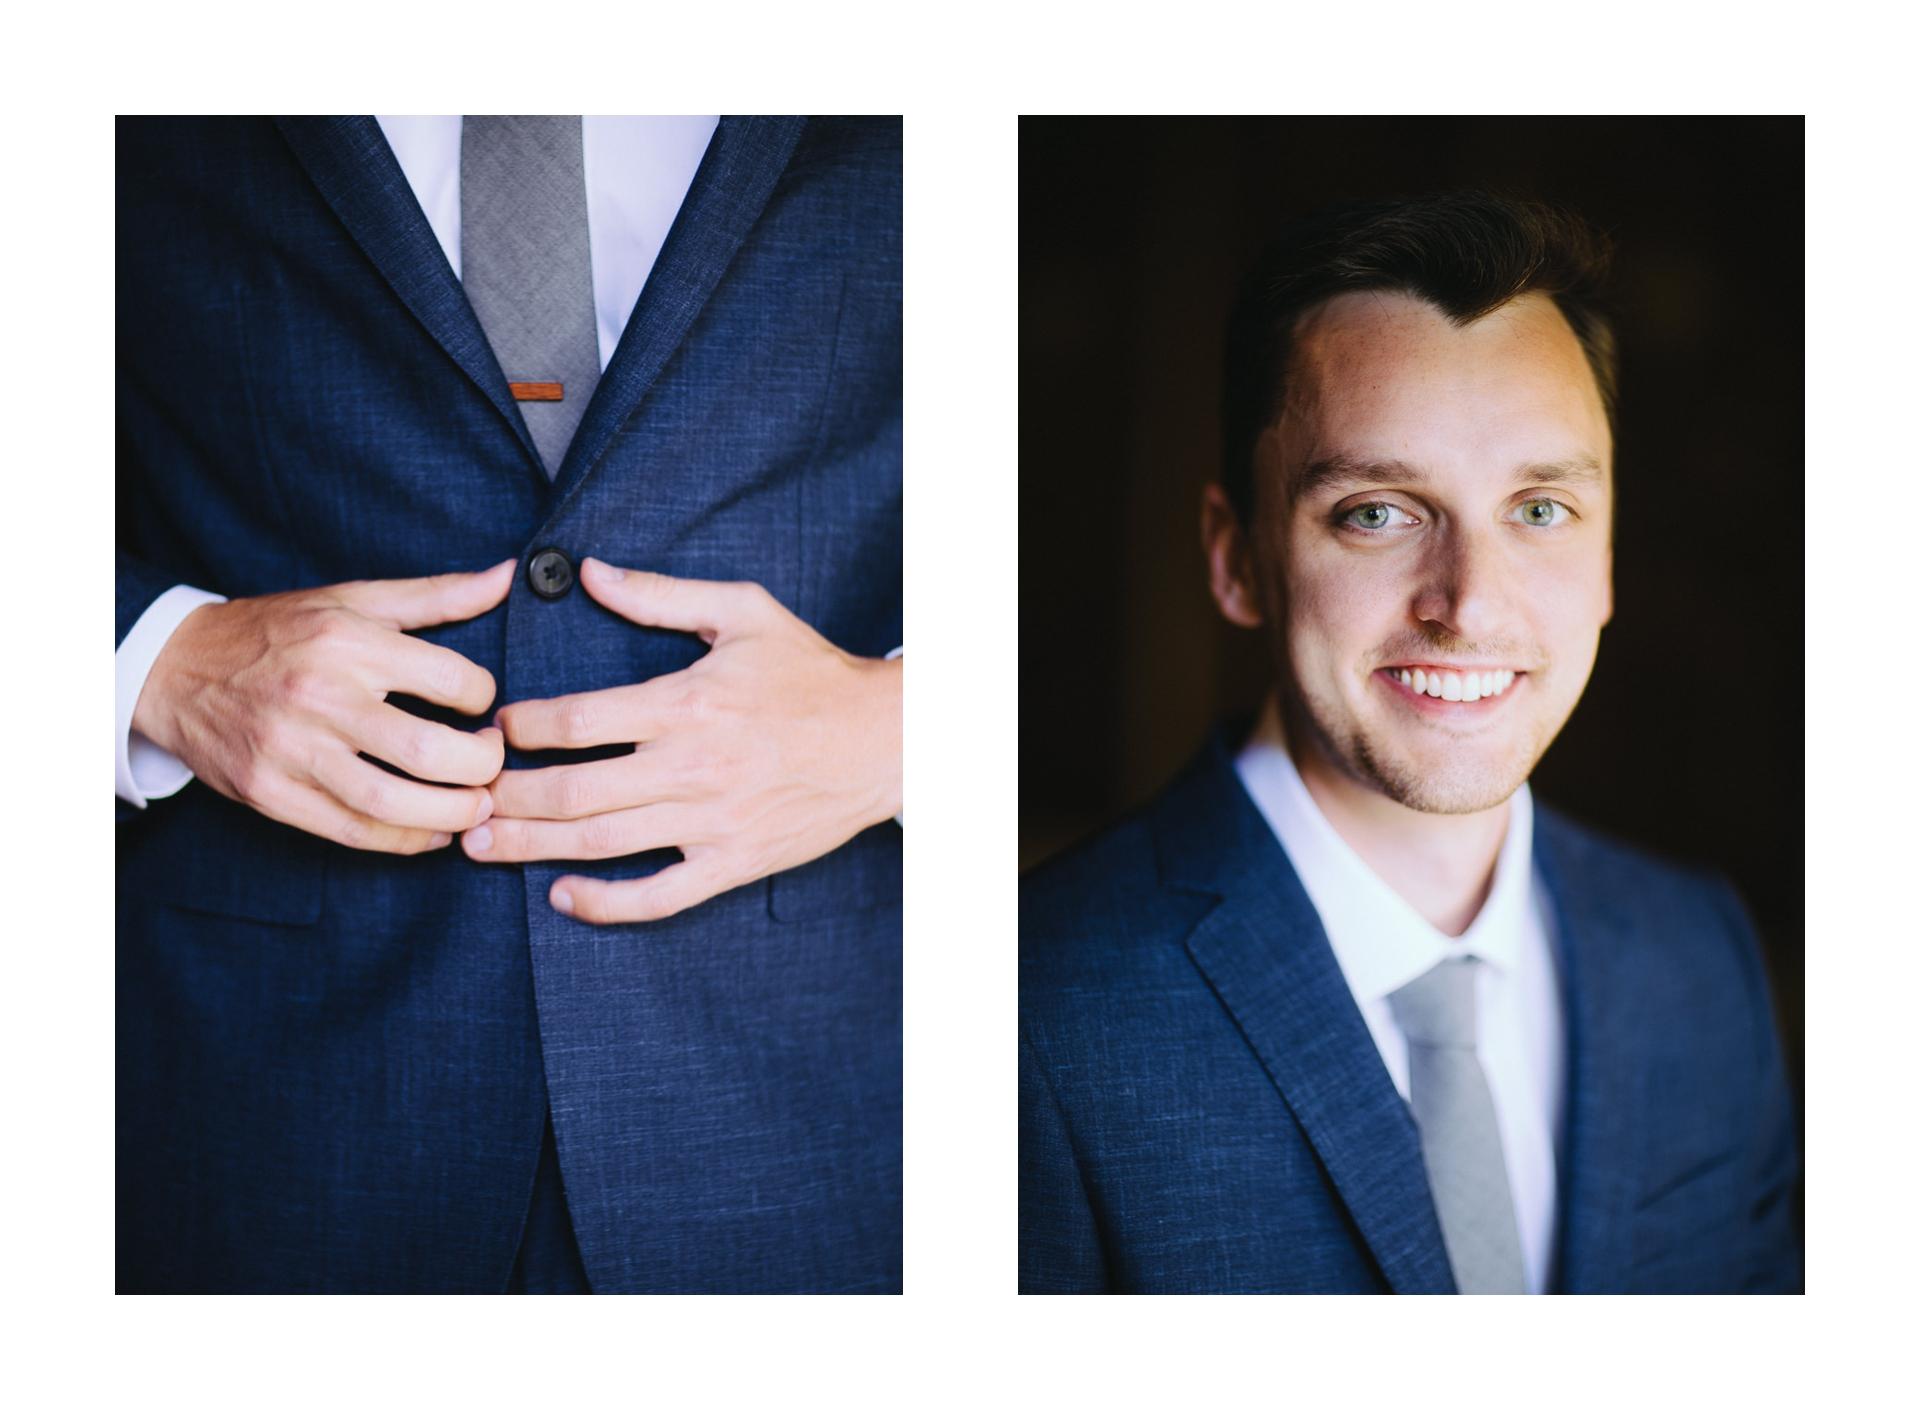 Gervasi Wedding Photographer in Canton Ohio 5.jpg